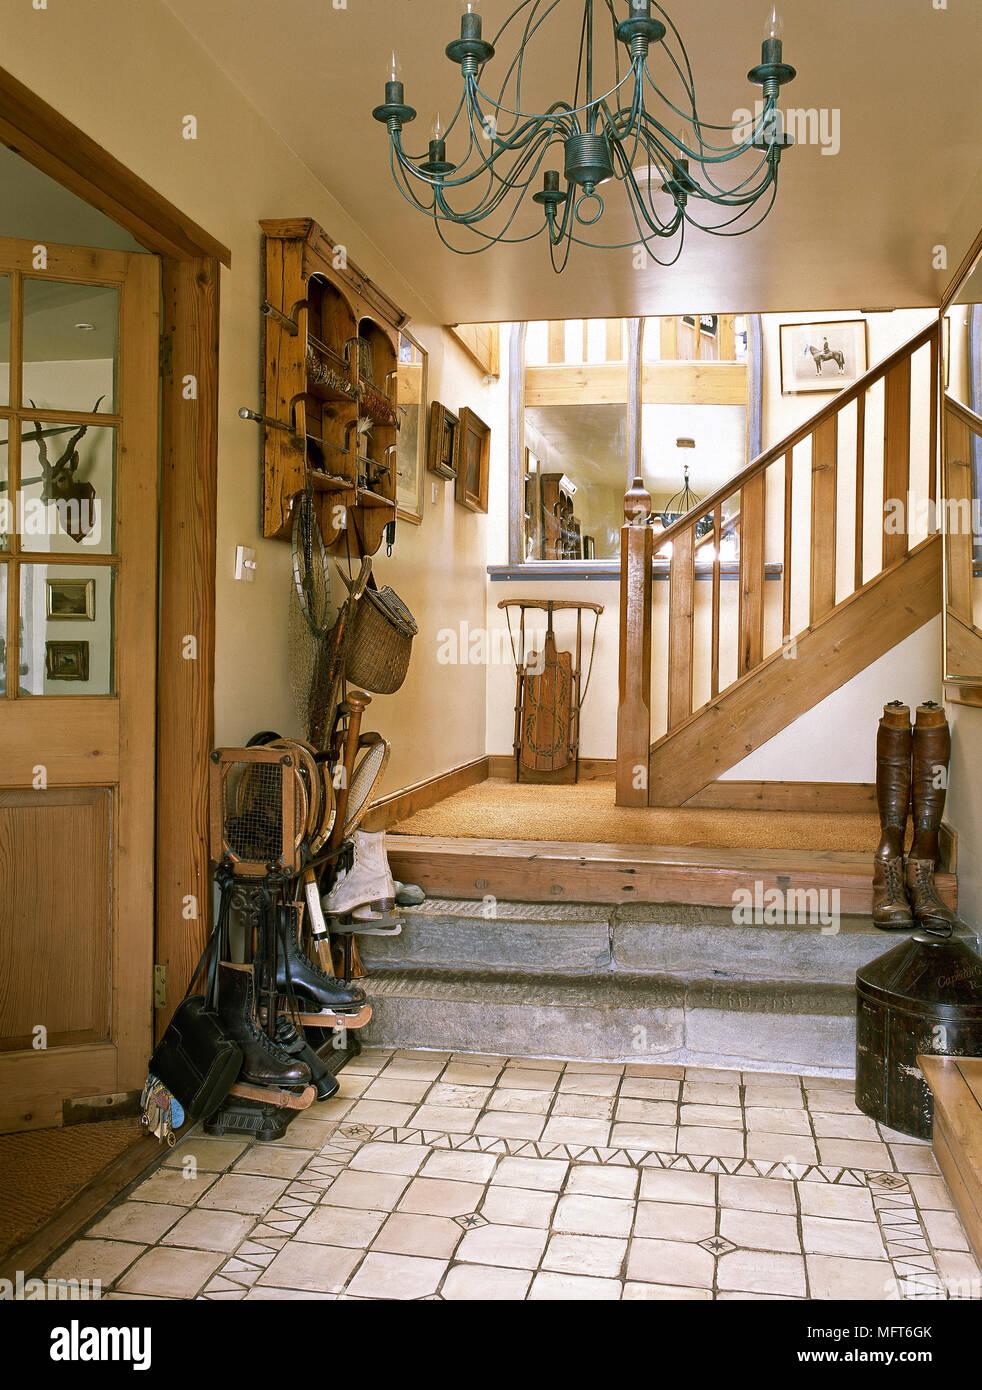 Land Eingangsbereich Mit Mosaik Fliesen Holztreppe Kronleuchter